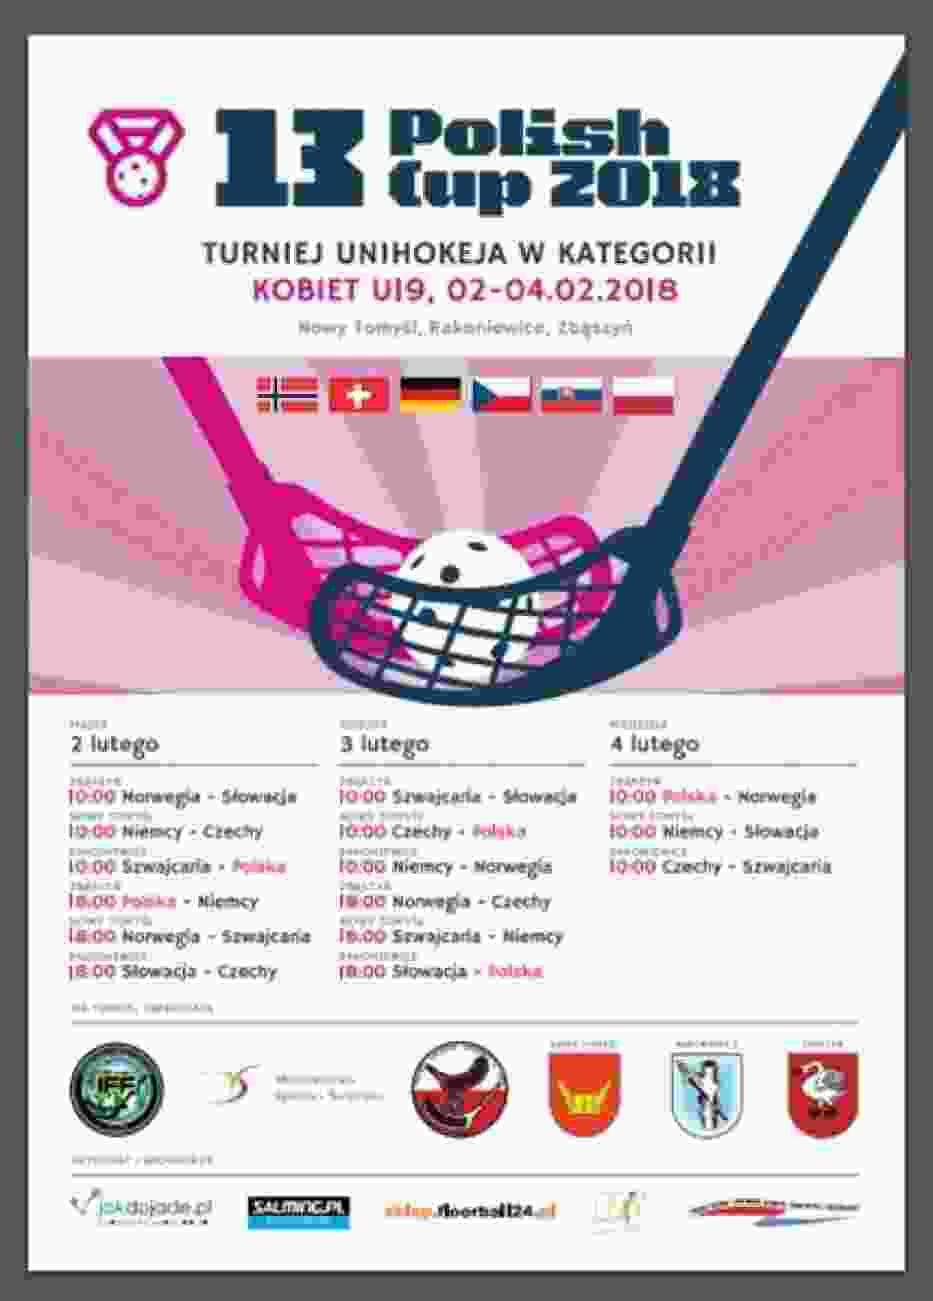 W Zbąszyniu po raz kolejny odbędą się zawody unihokeja - zapowiedź 13.Polish Cup